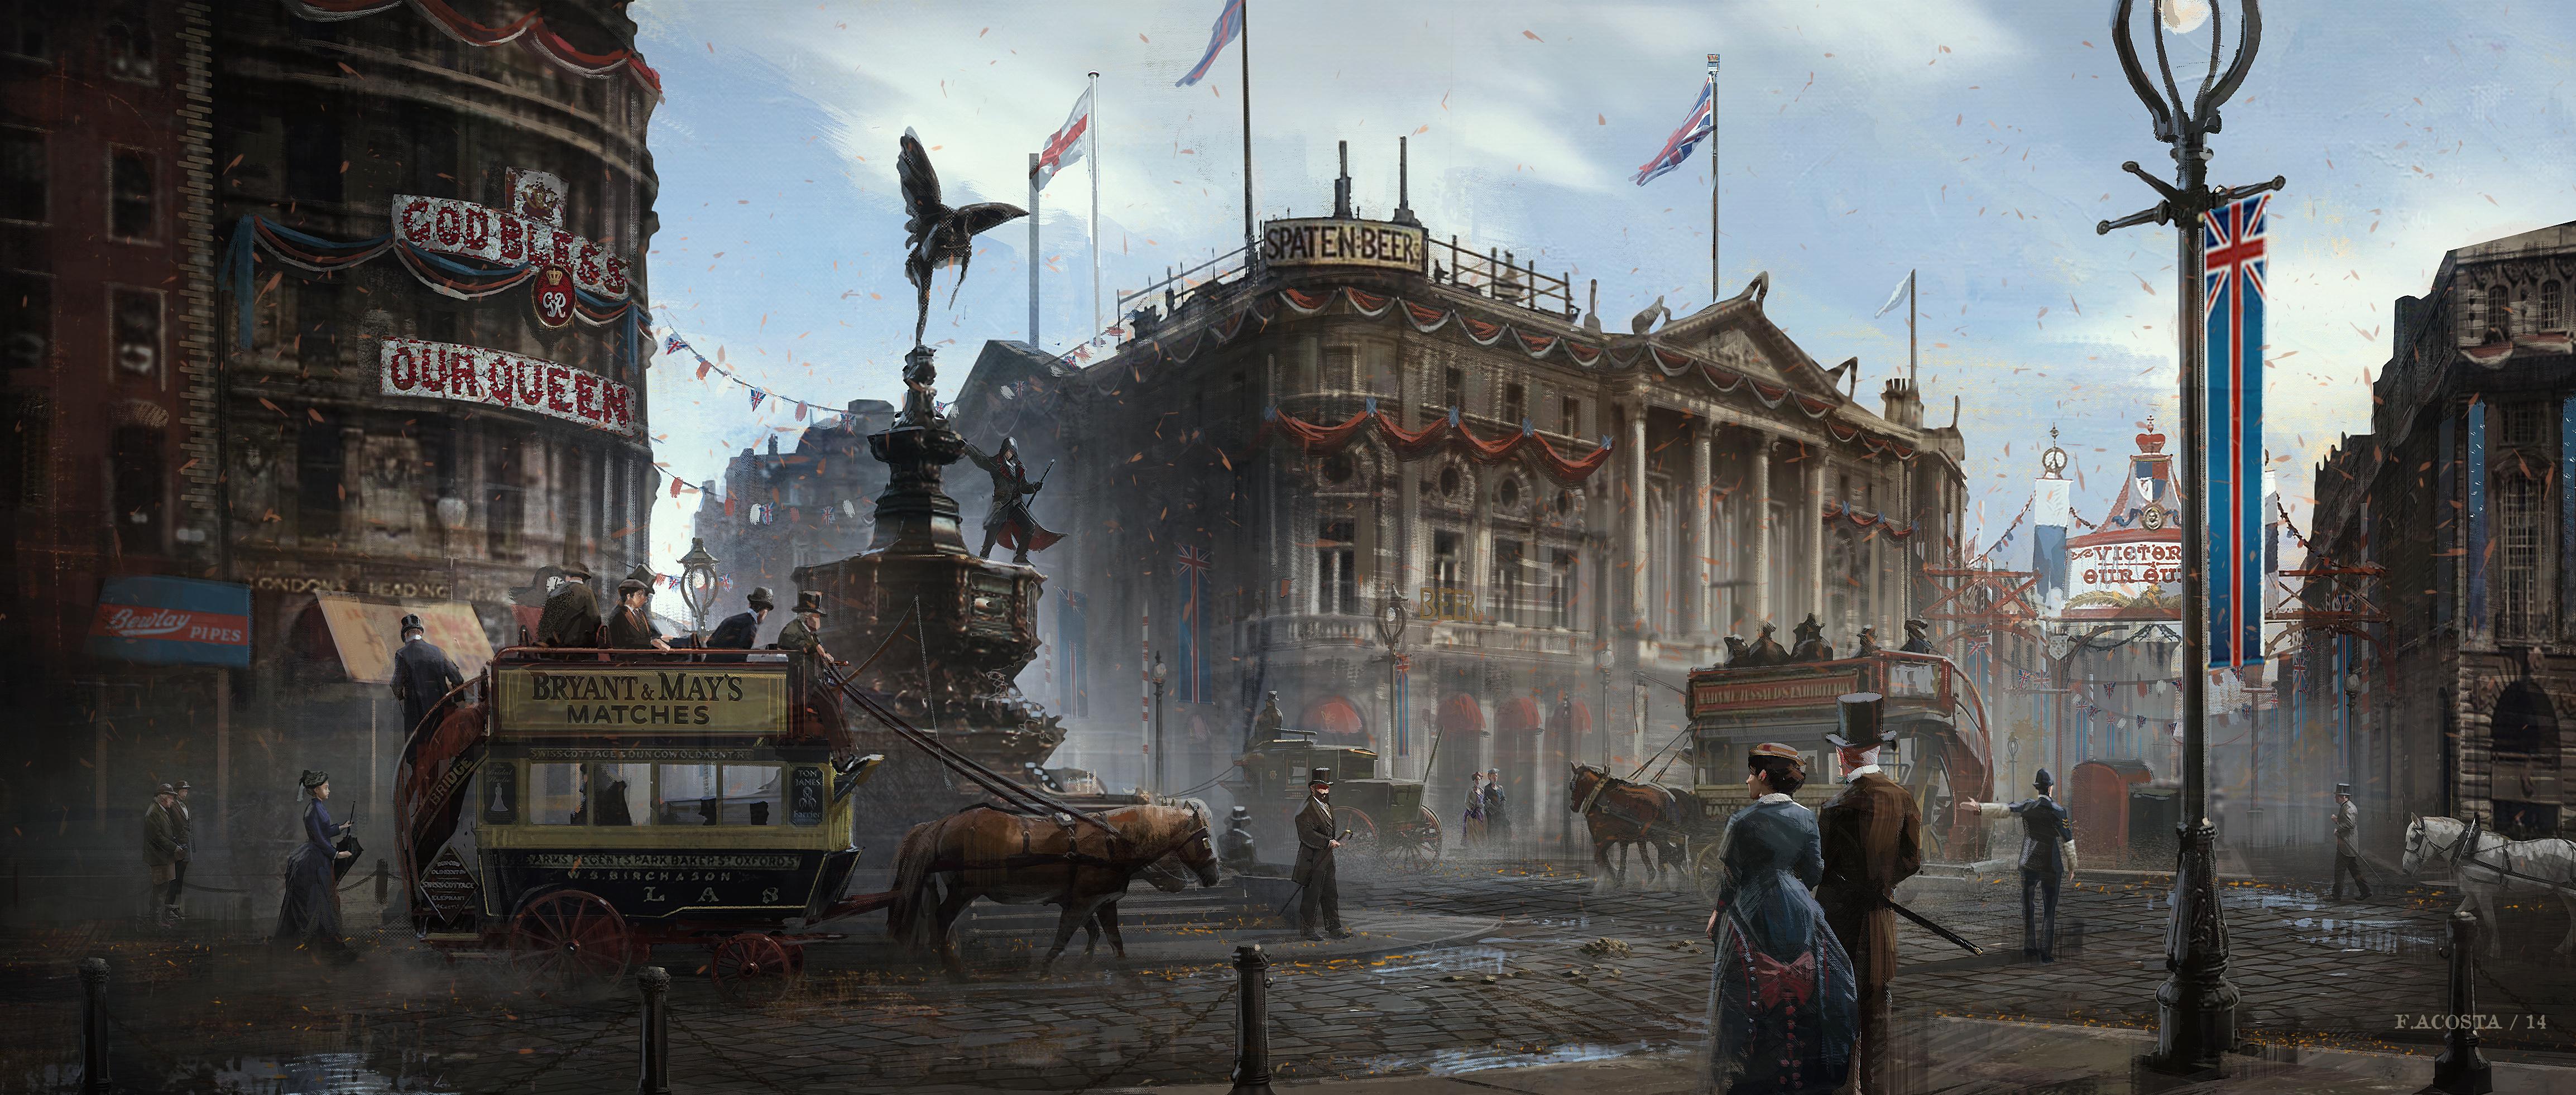 Da vitória para o sindicato! O novo Assassin's Creed afinal tem outro nome